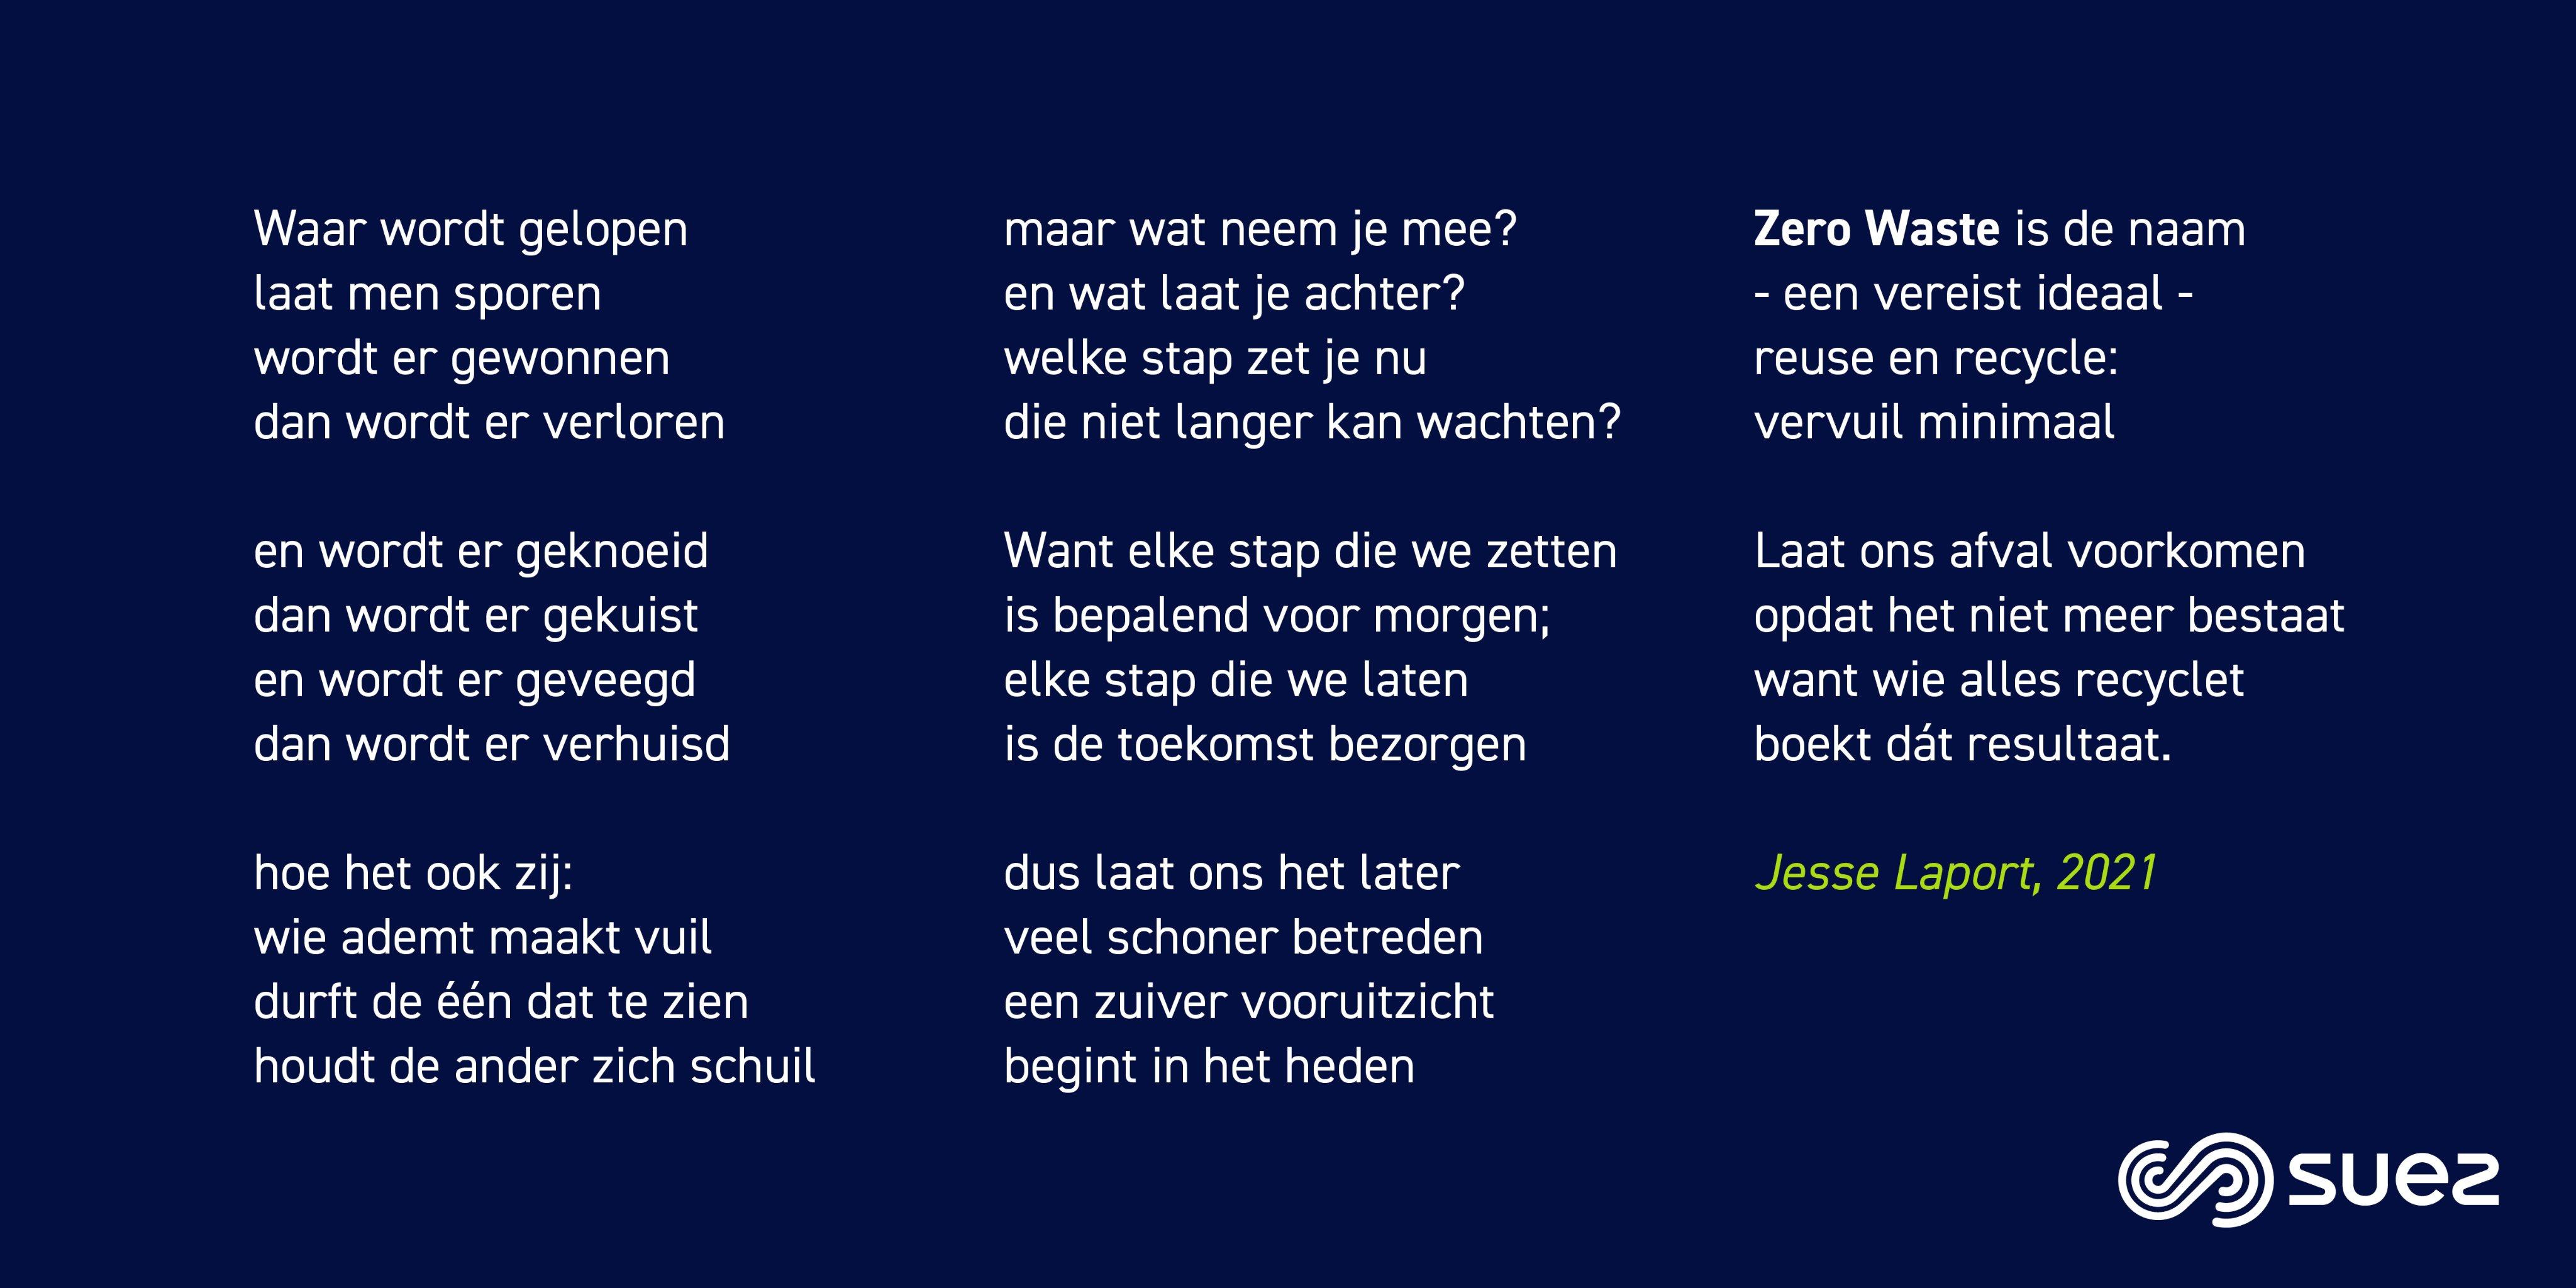 Jesse Laport, webshop, cadeau, gedicht op maat, stadsdichter, poezie, gedichtendag, 2021